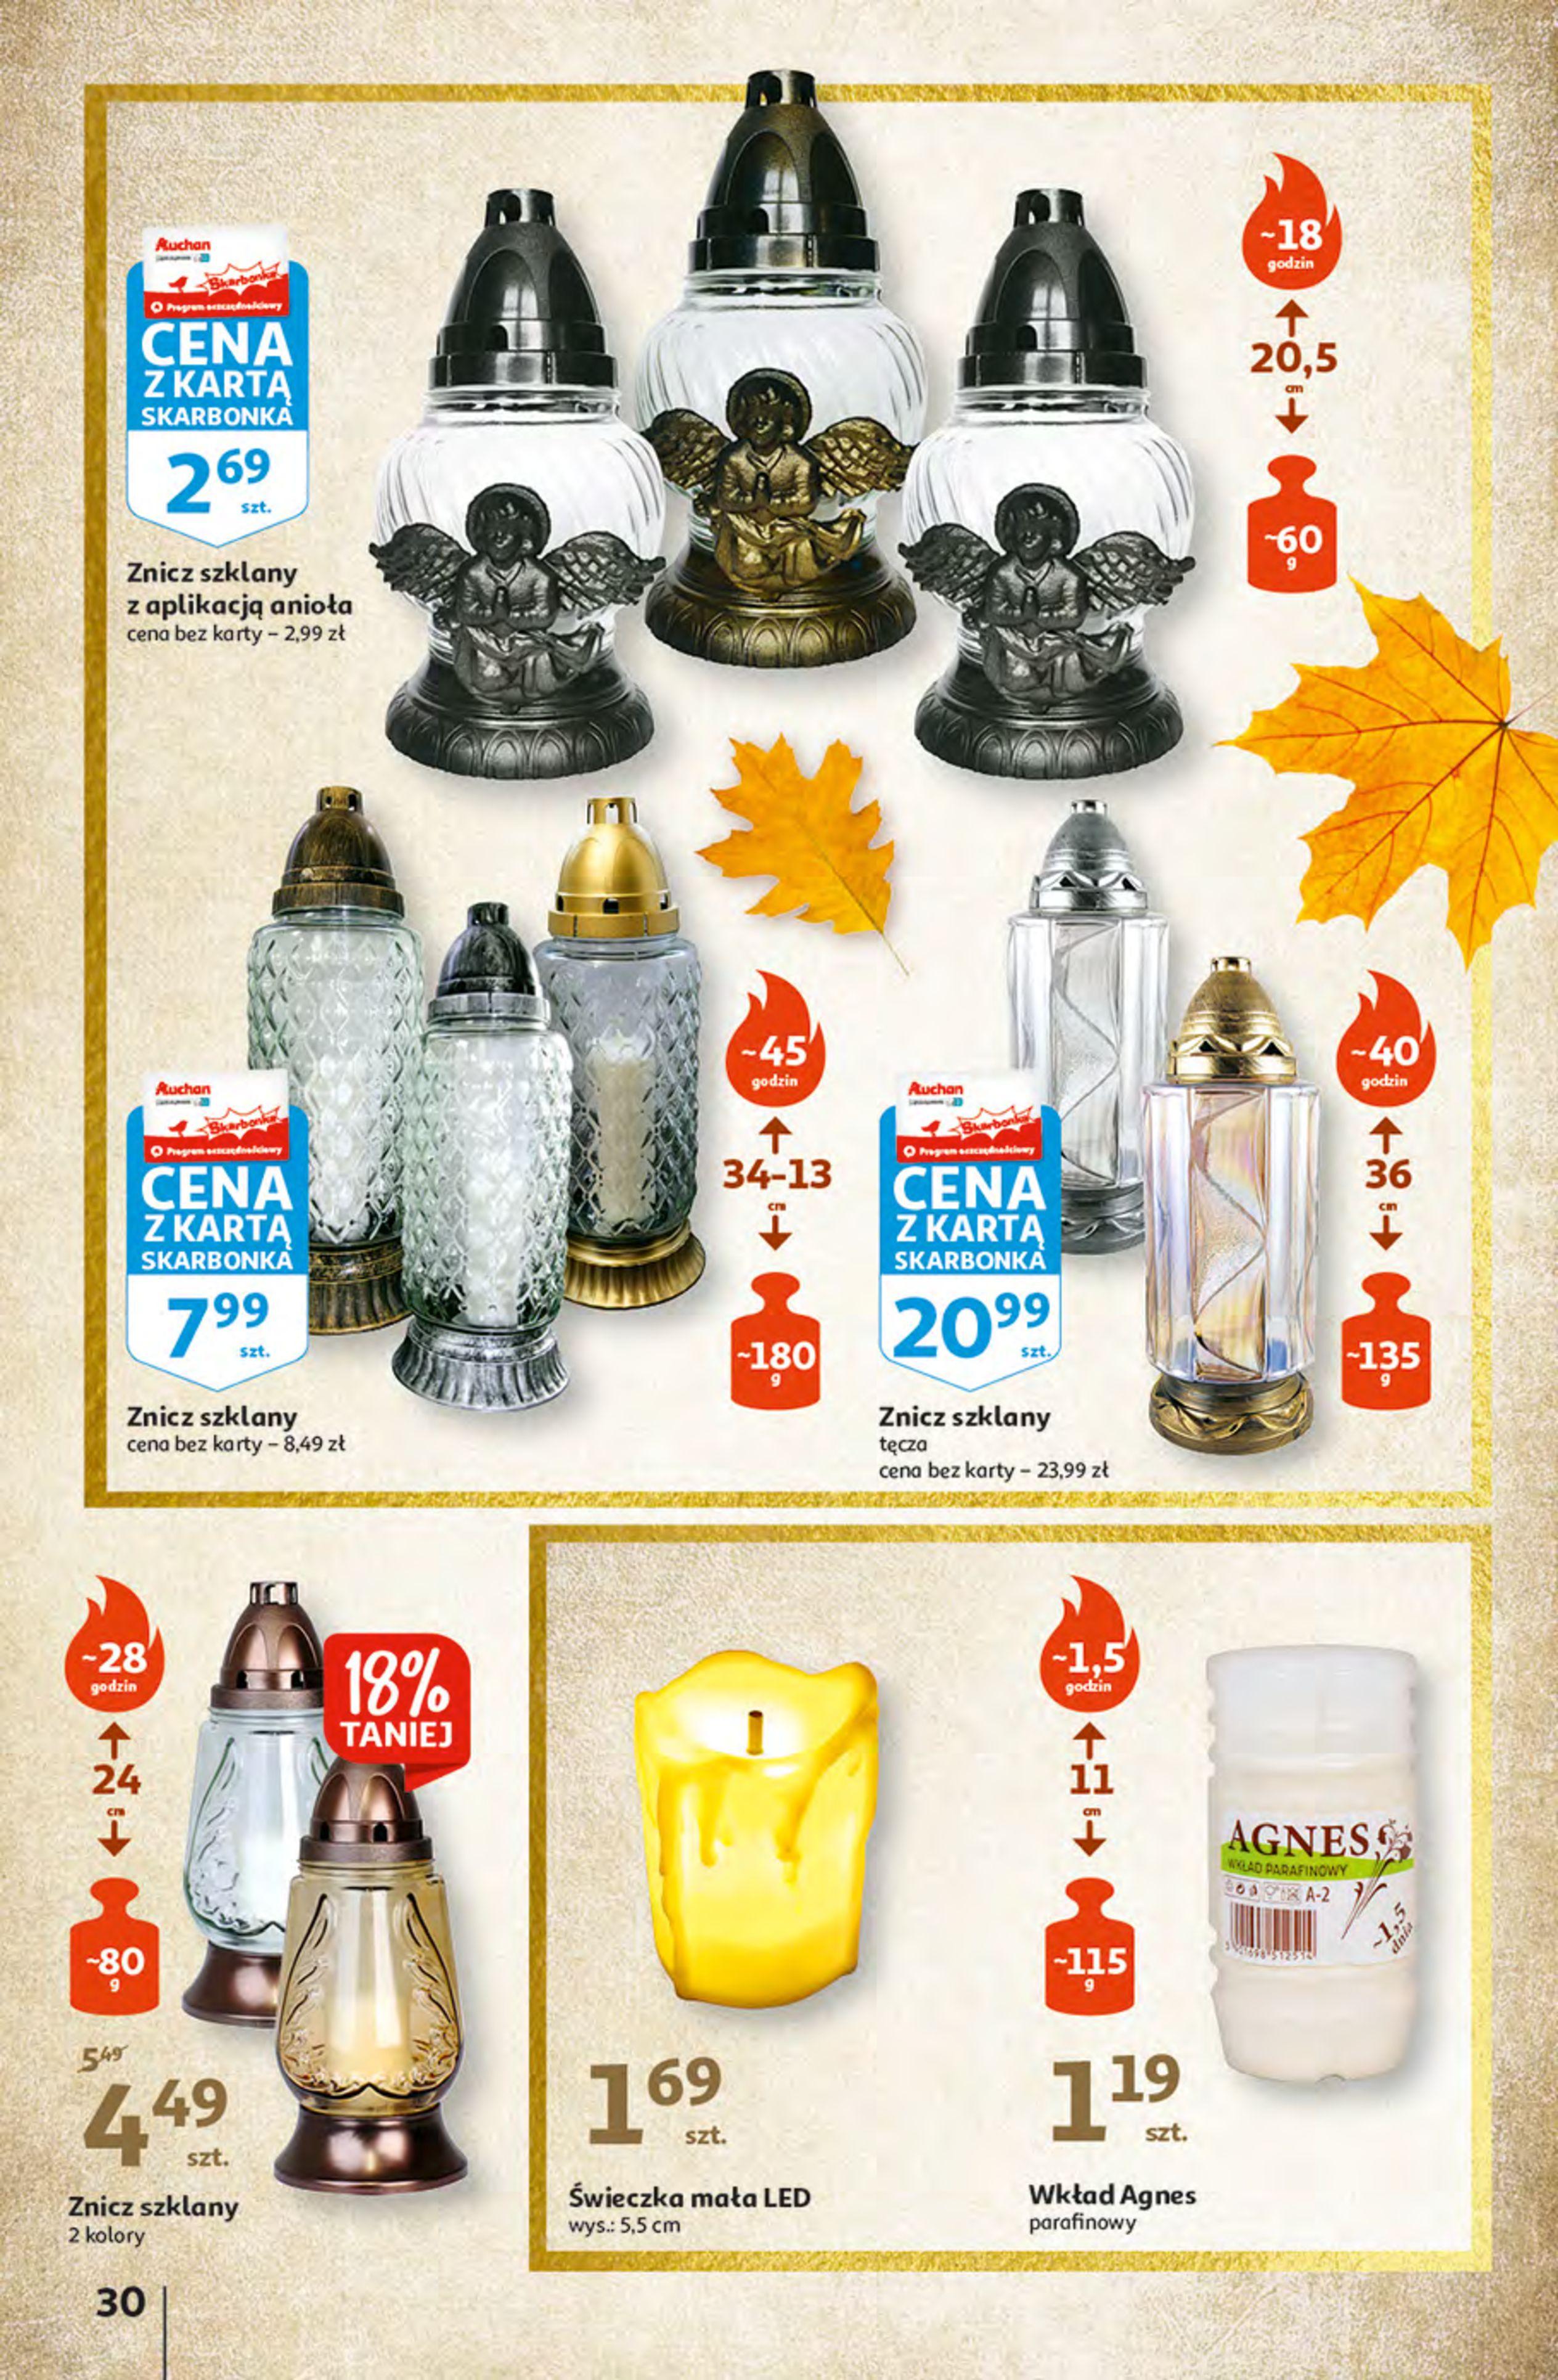 Gazetka Auchan: Gazetka Auchan - Hiperoszczędzanie z Kartą Skarbonka 2 Hipermarkety 2021-10-14 page-30